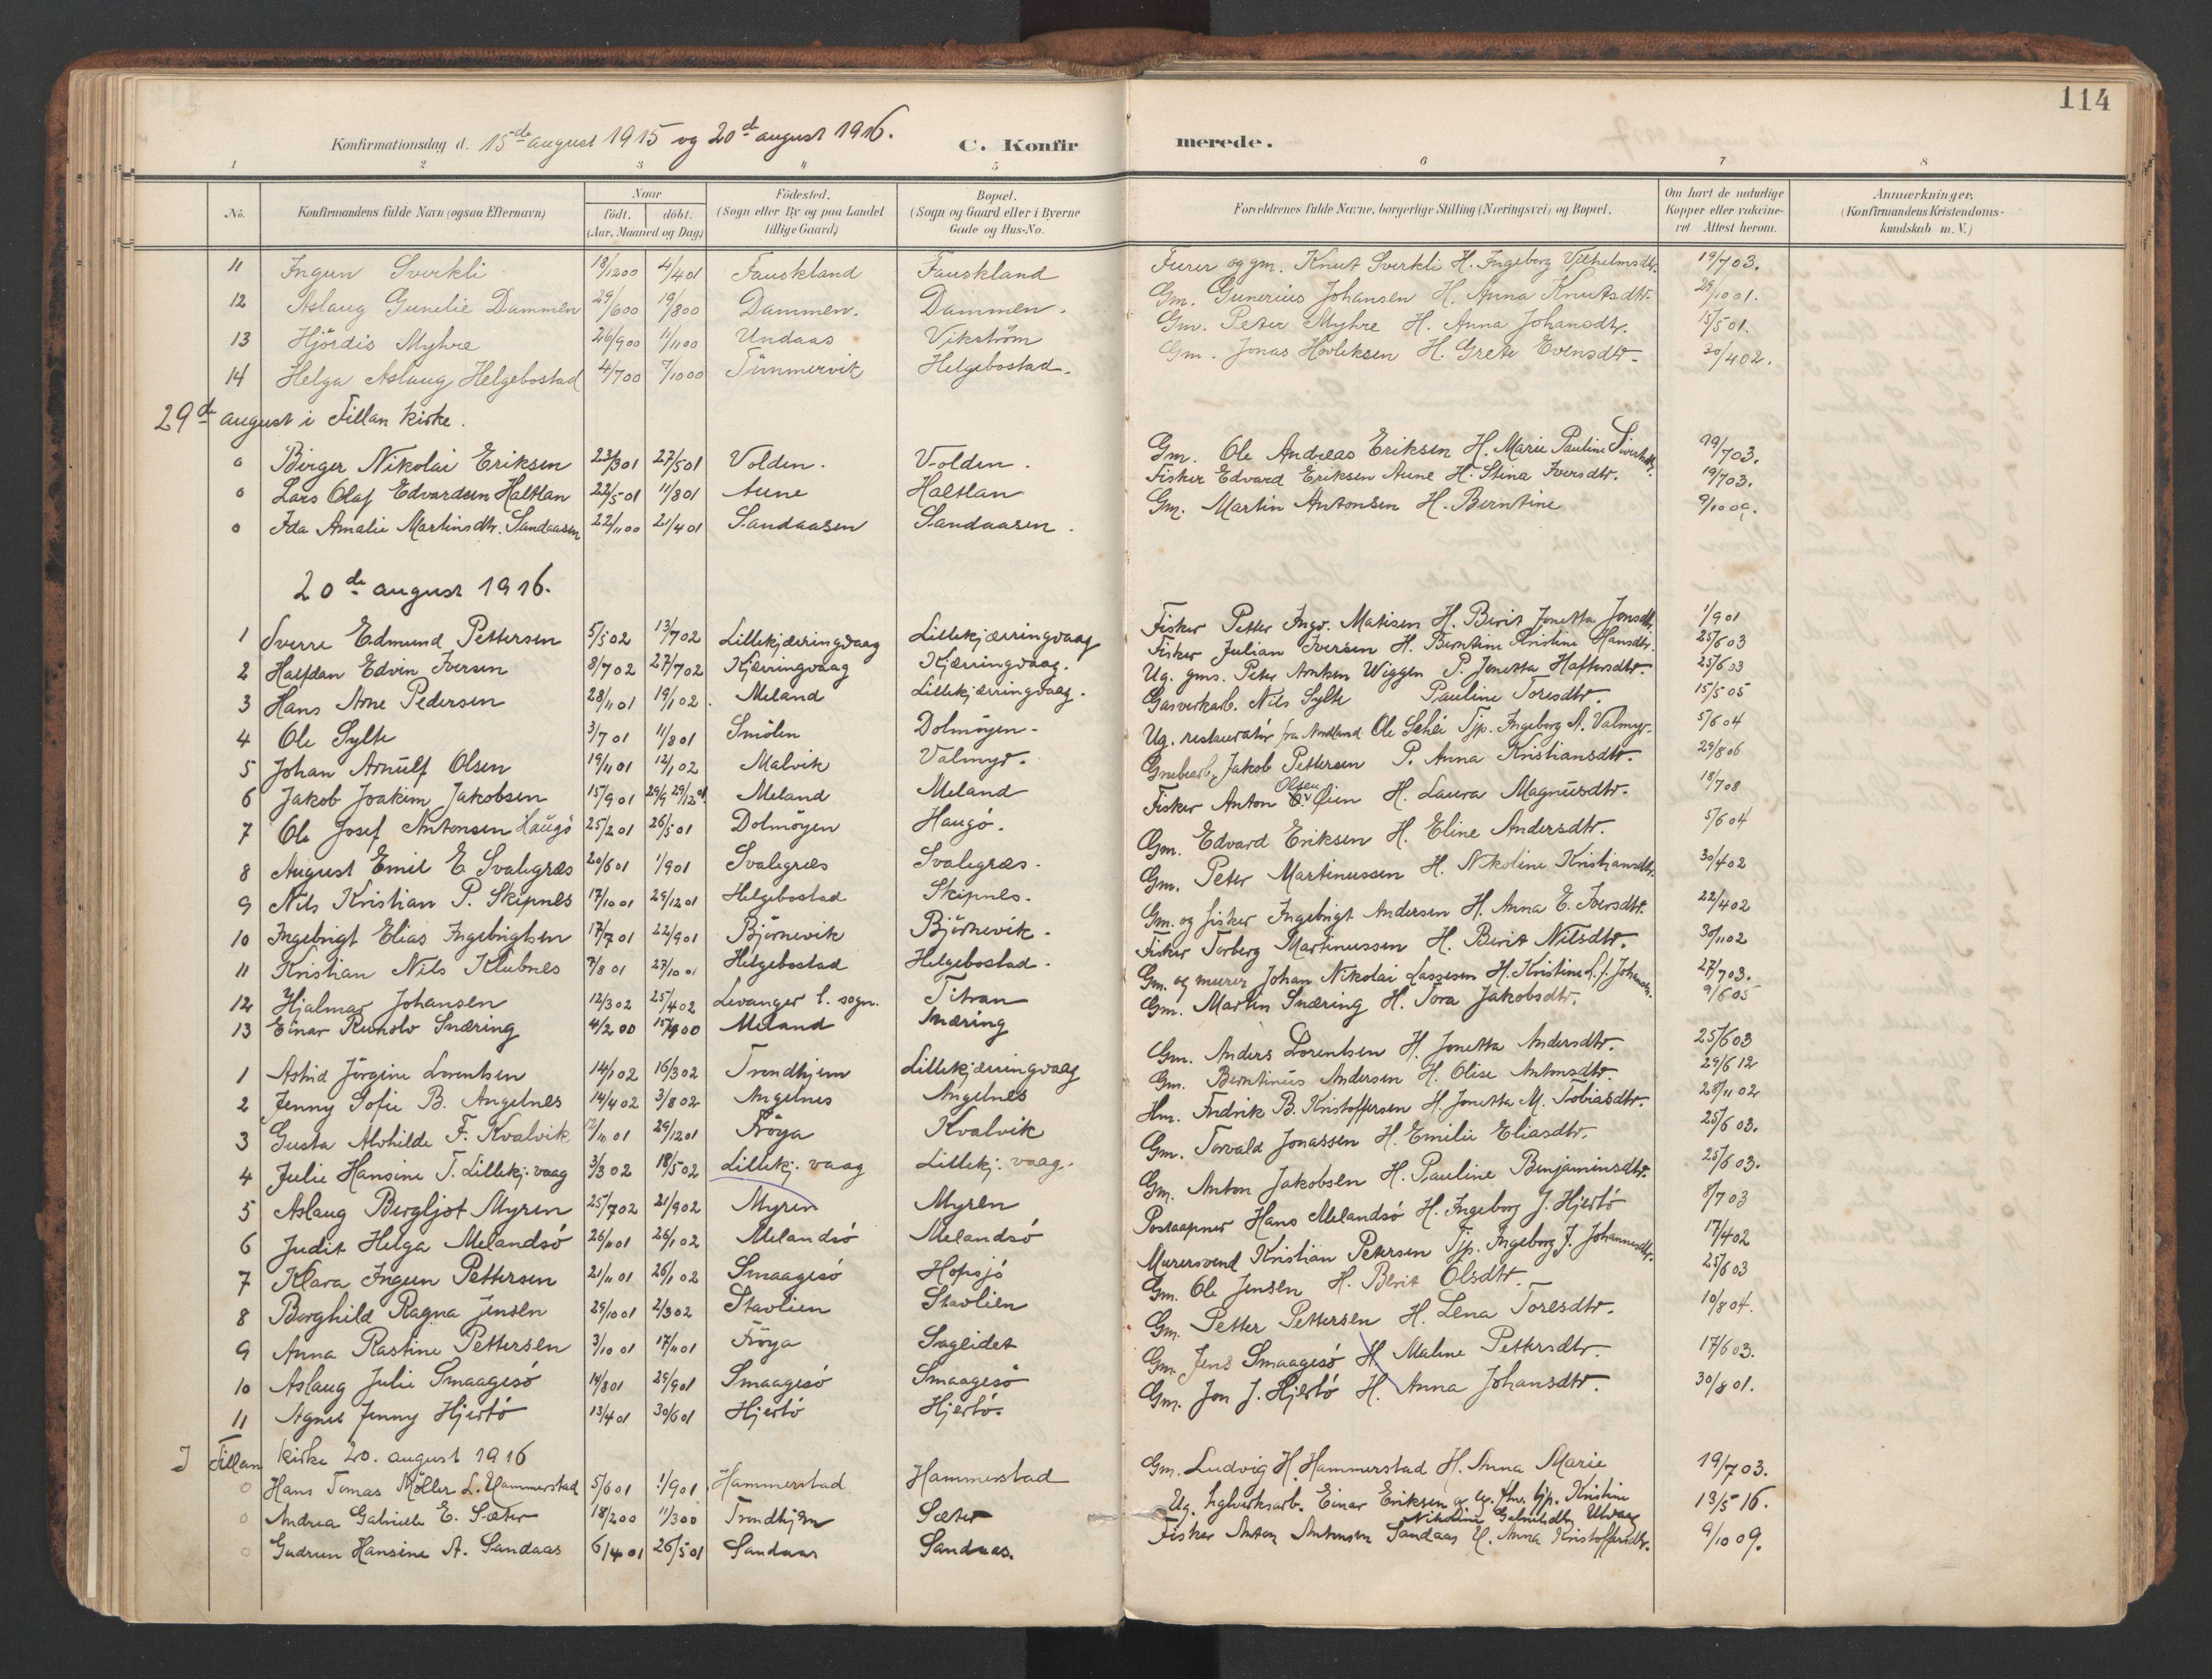 SAT, Ministerialprotokoller, klokkerbøker og fødselsregistre - Sør-Trøndelag, 634/L0537: Ministerialbok nr. 634A13, 1896-1922, s. 114